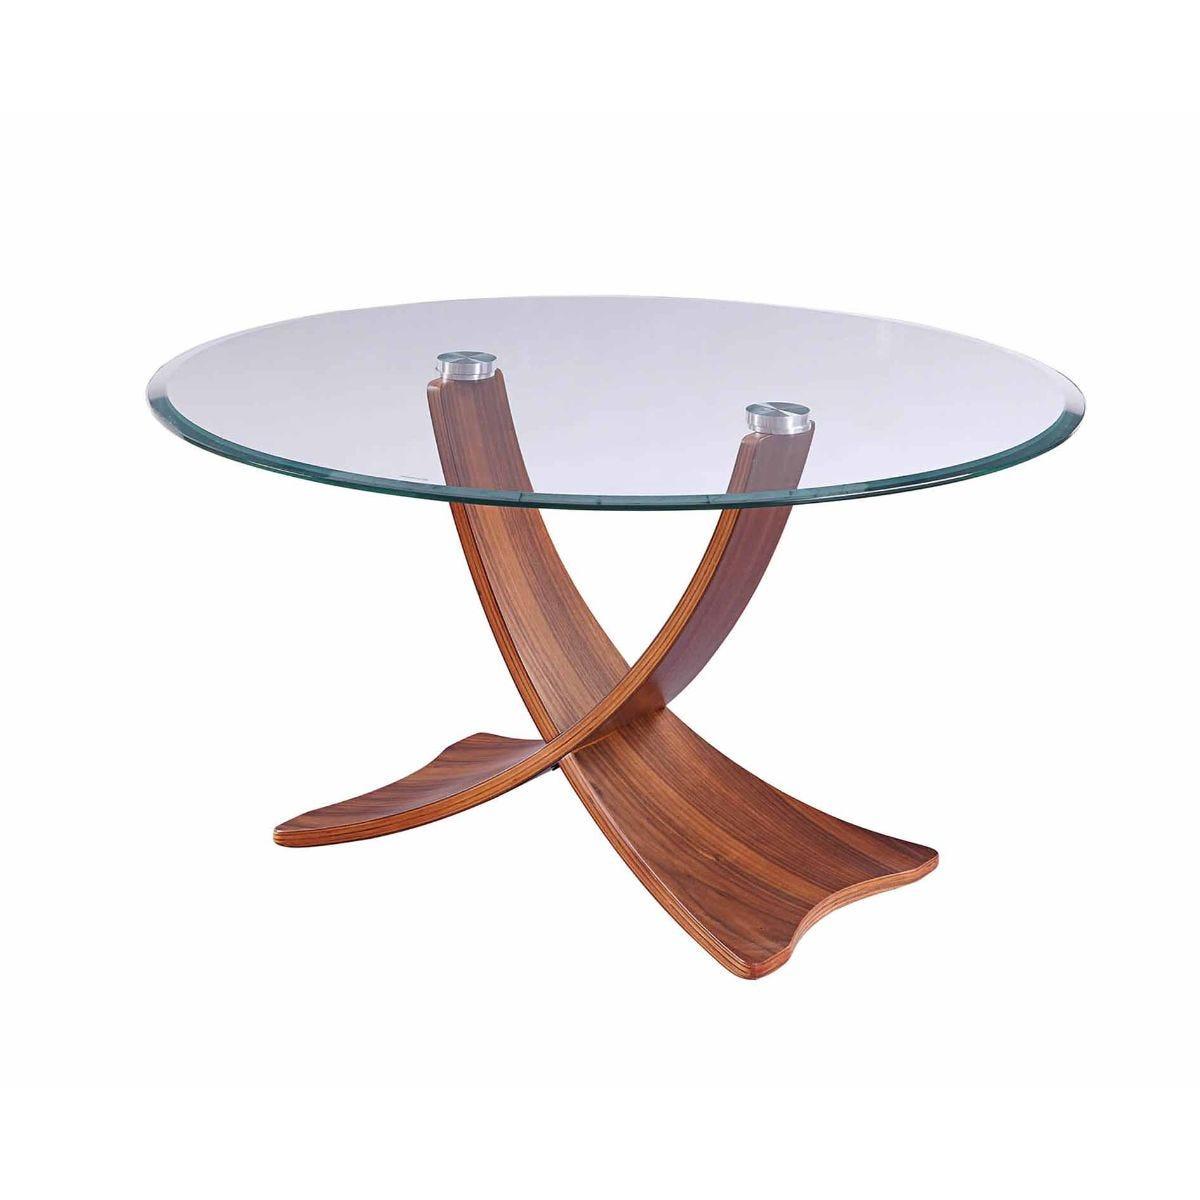 Jual Siena Round Glass Coffee Table, Walnut